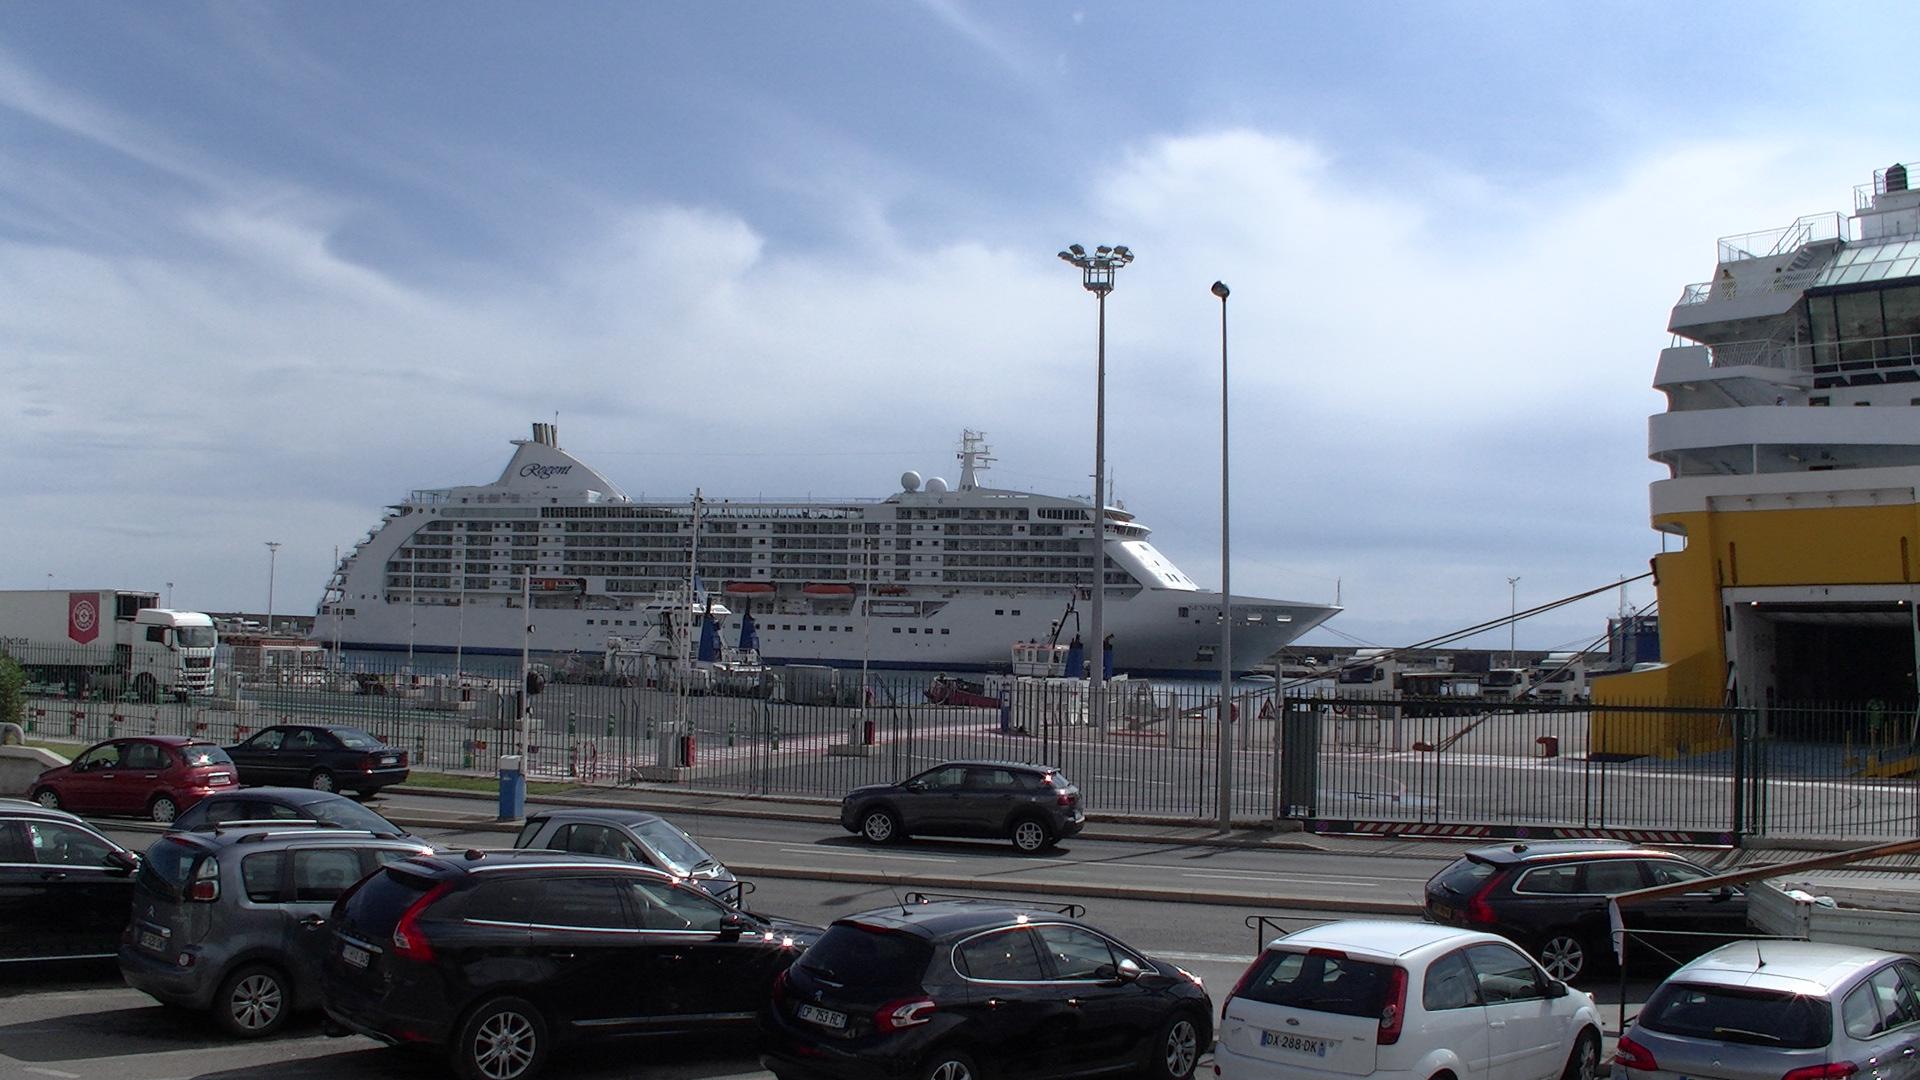 Le Seven Seas Voyager, la 1ère des nombreuses escales de navires de croisière à Bastia